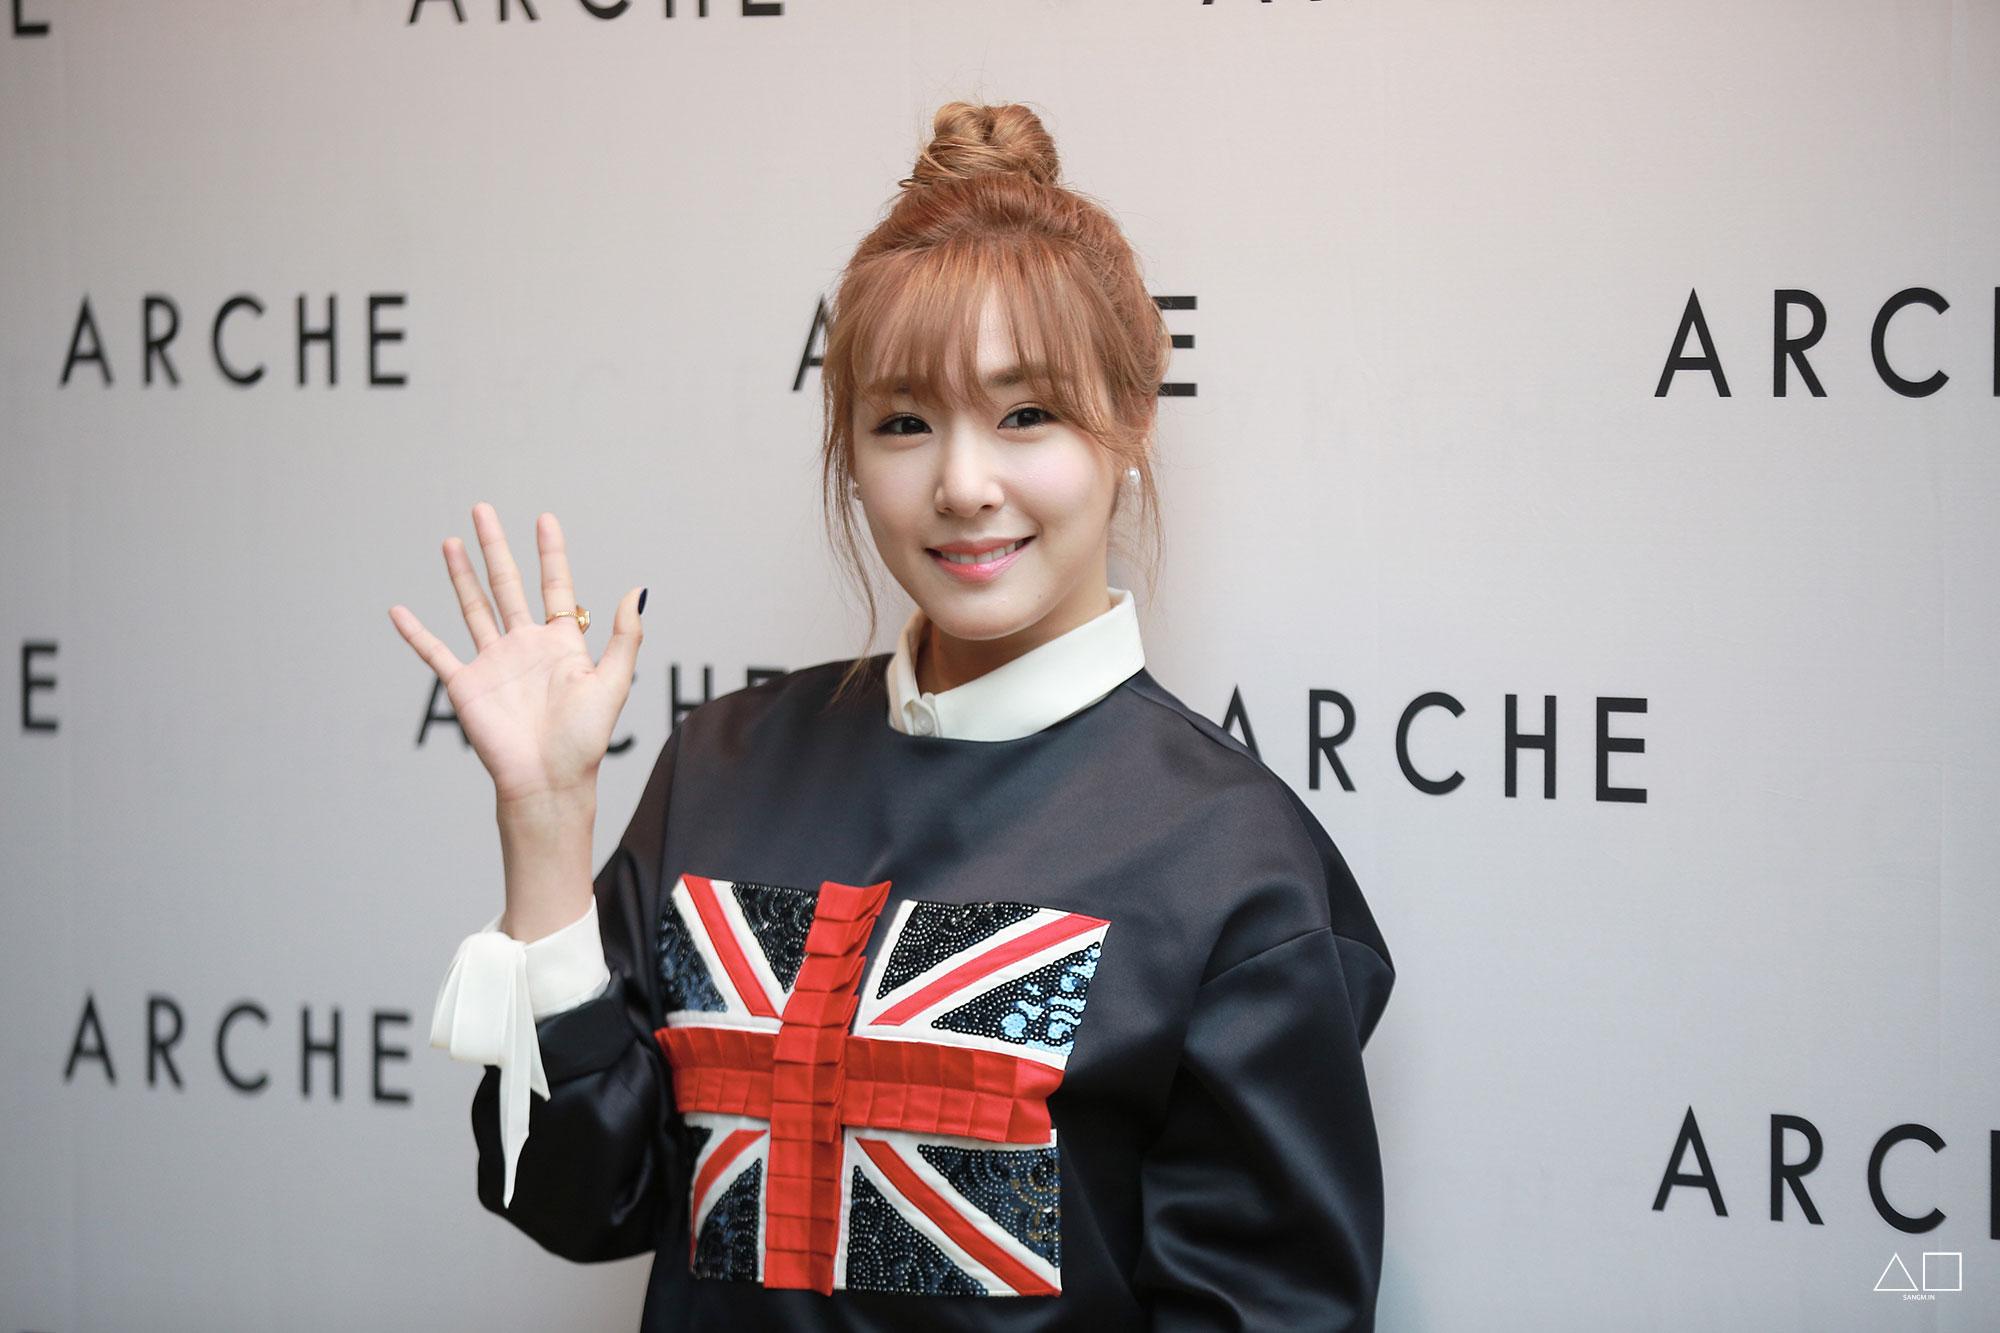 Tiffany Arche 2015 S/S fashion show